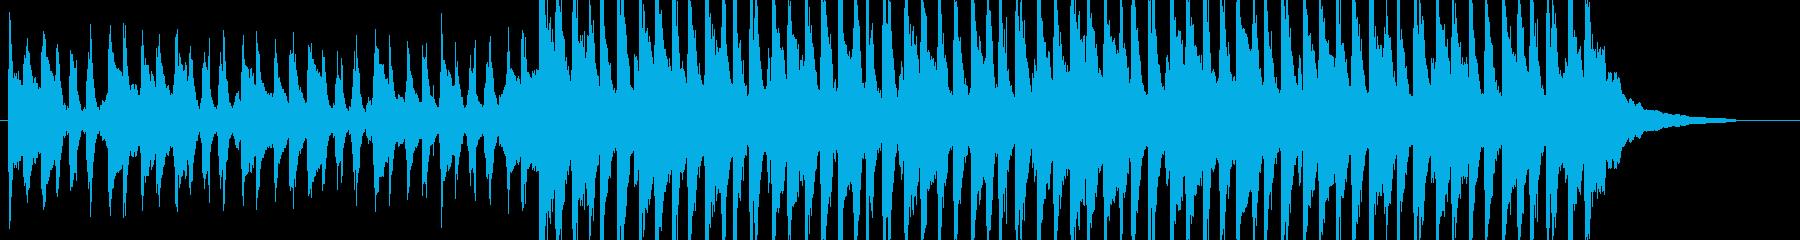 企業VPやCM、口笛、明るいポップ30秒の再生済みの波形